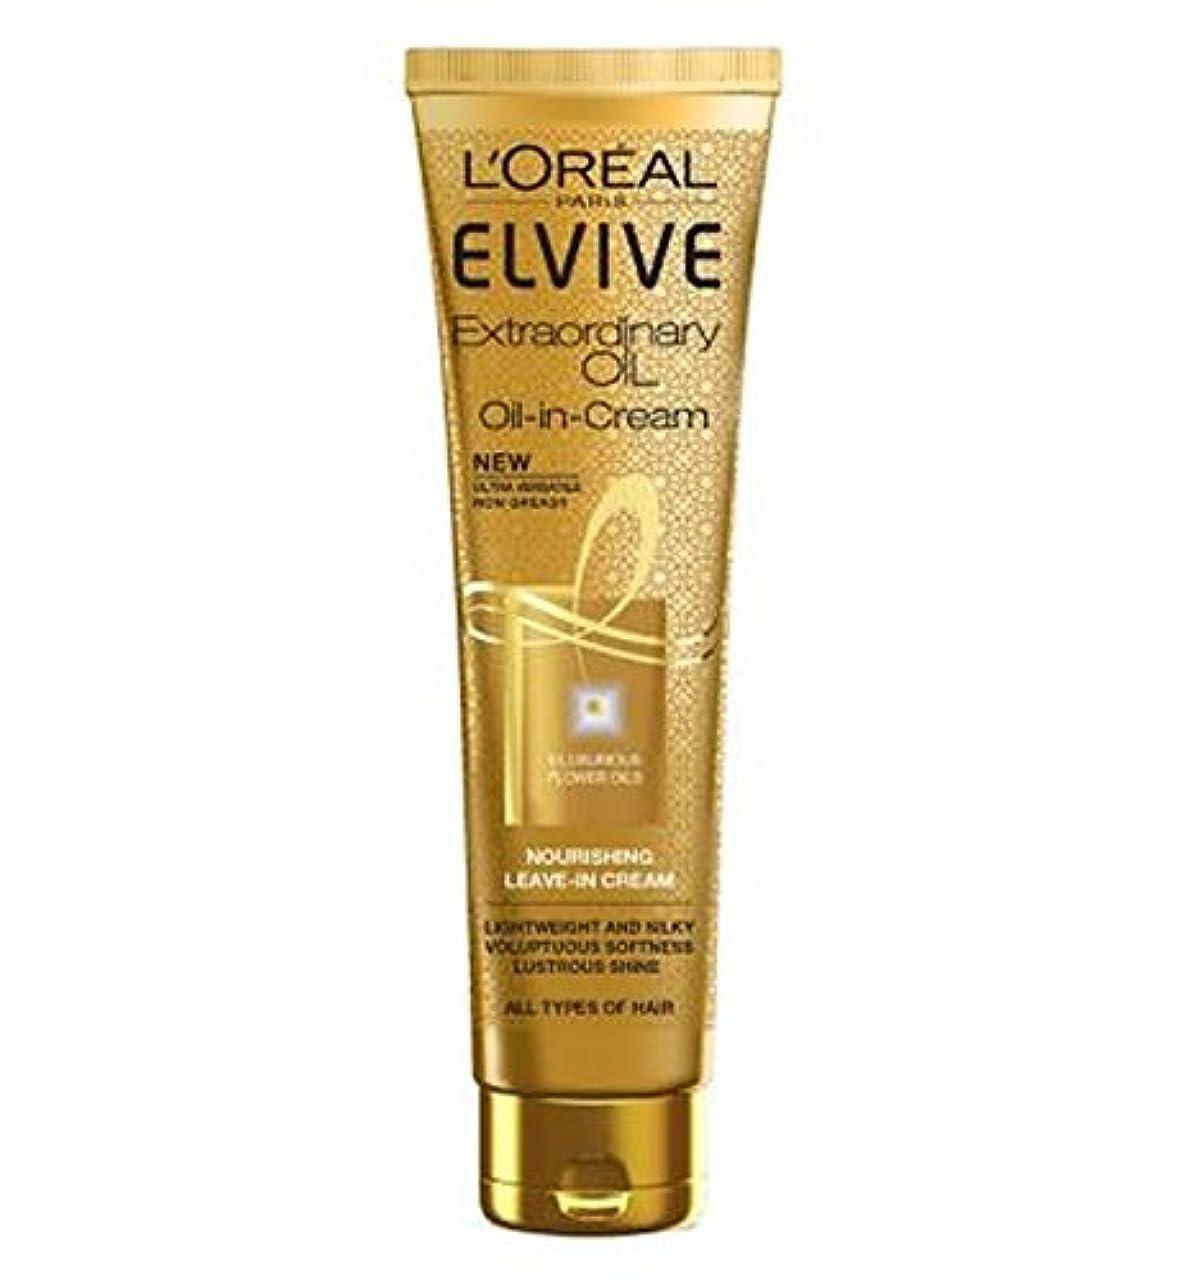 回復する現像植物学者L'Oreal Paris Elvive Extraordinary Oil in Cream All Hair Types - すべての髪のタイプのクリームでロレアルパリElvive臨時オイル (L'Oreal) [並行輸入品]